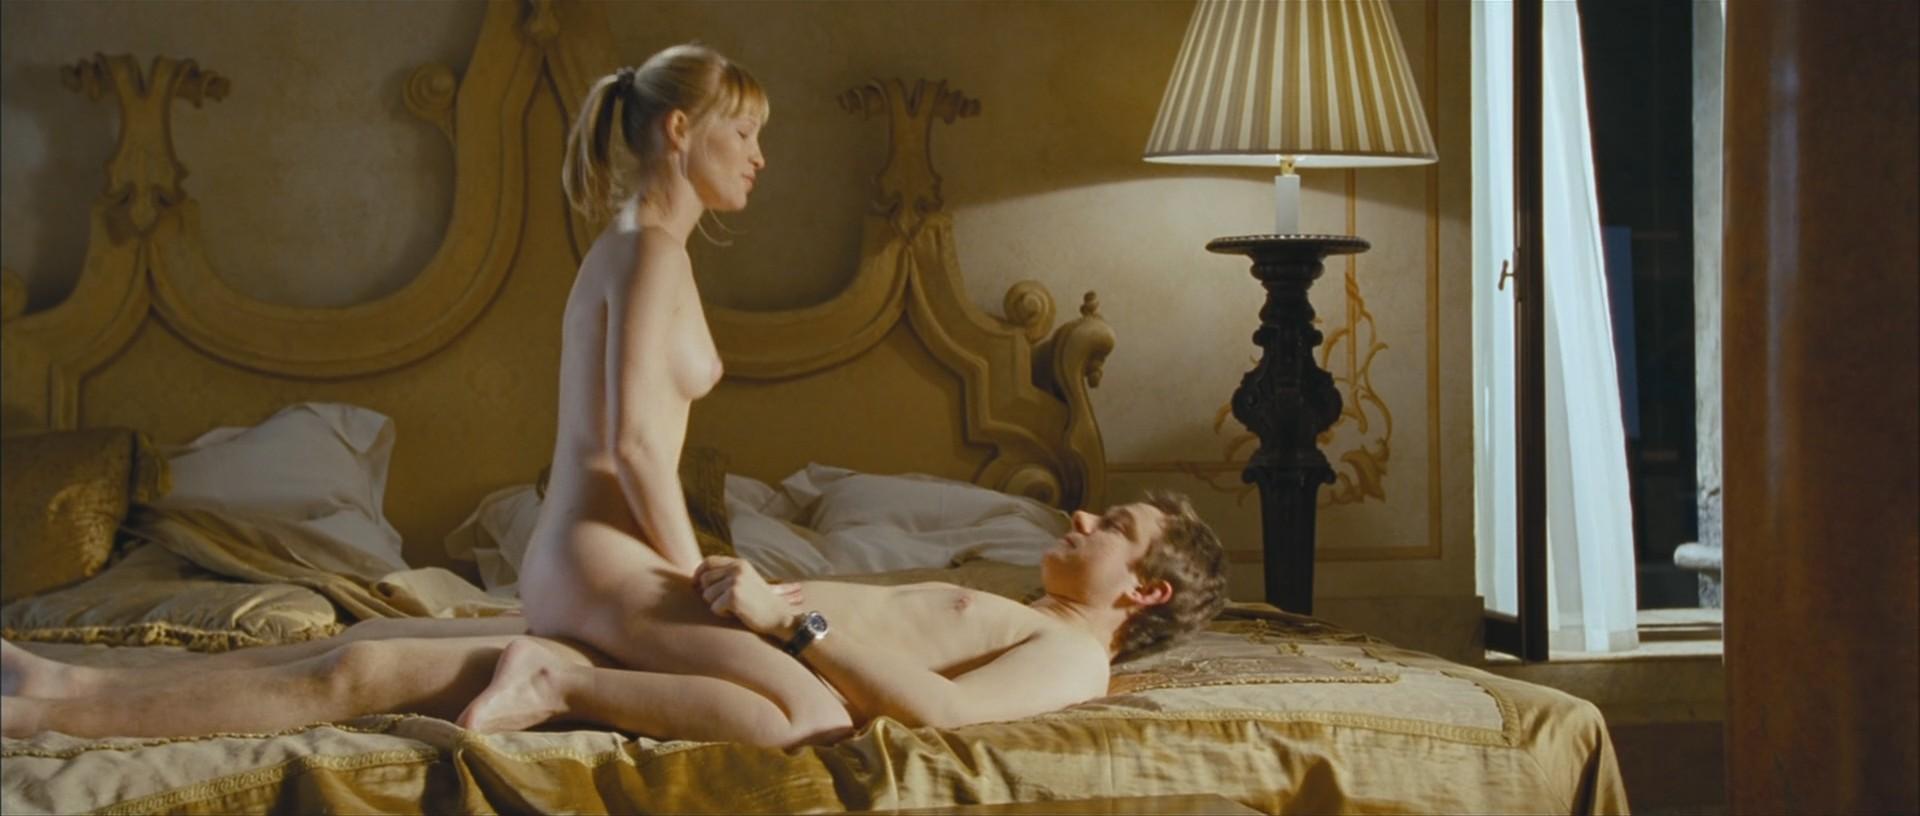 russkie-nudisti-video-seks